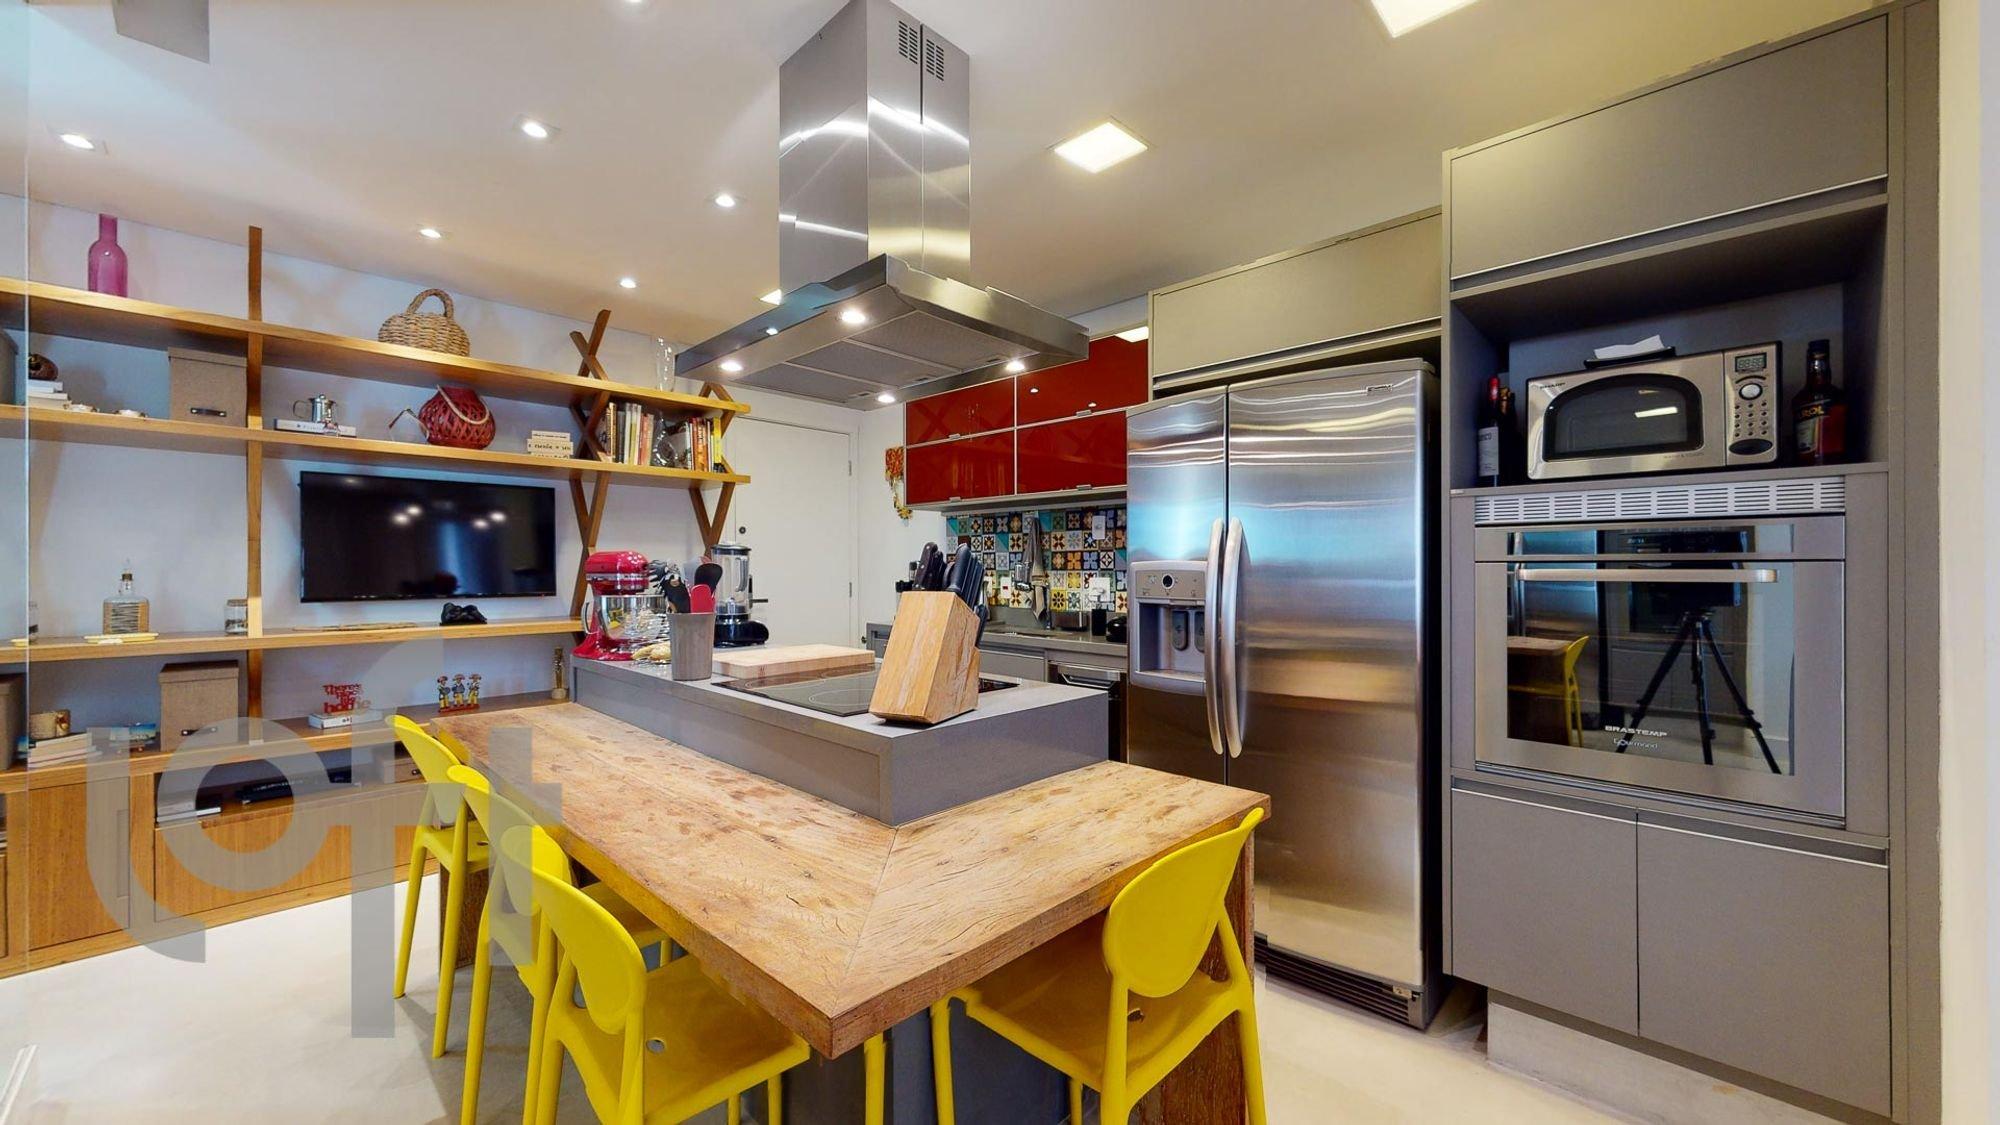 Foto de Cozinha com garrafa, forno, geladeira, cadeira, microondas, mesa de jantar